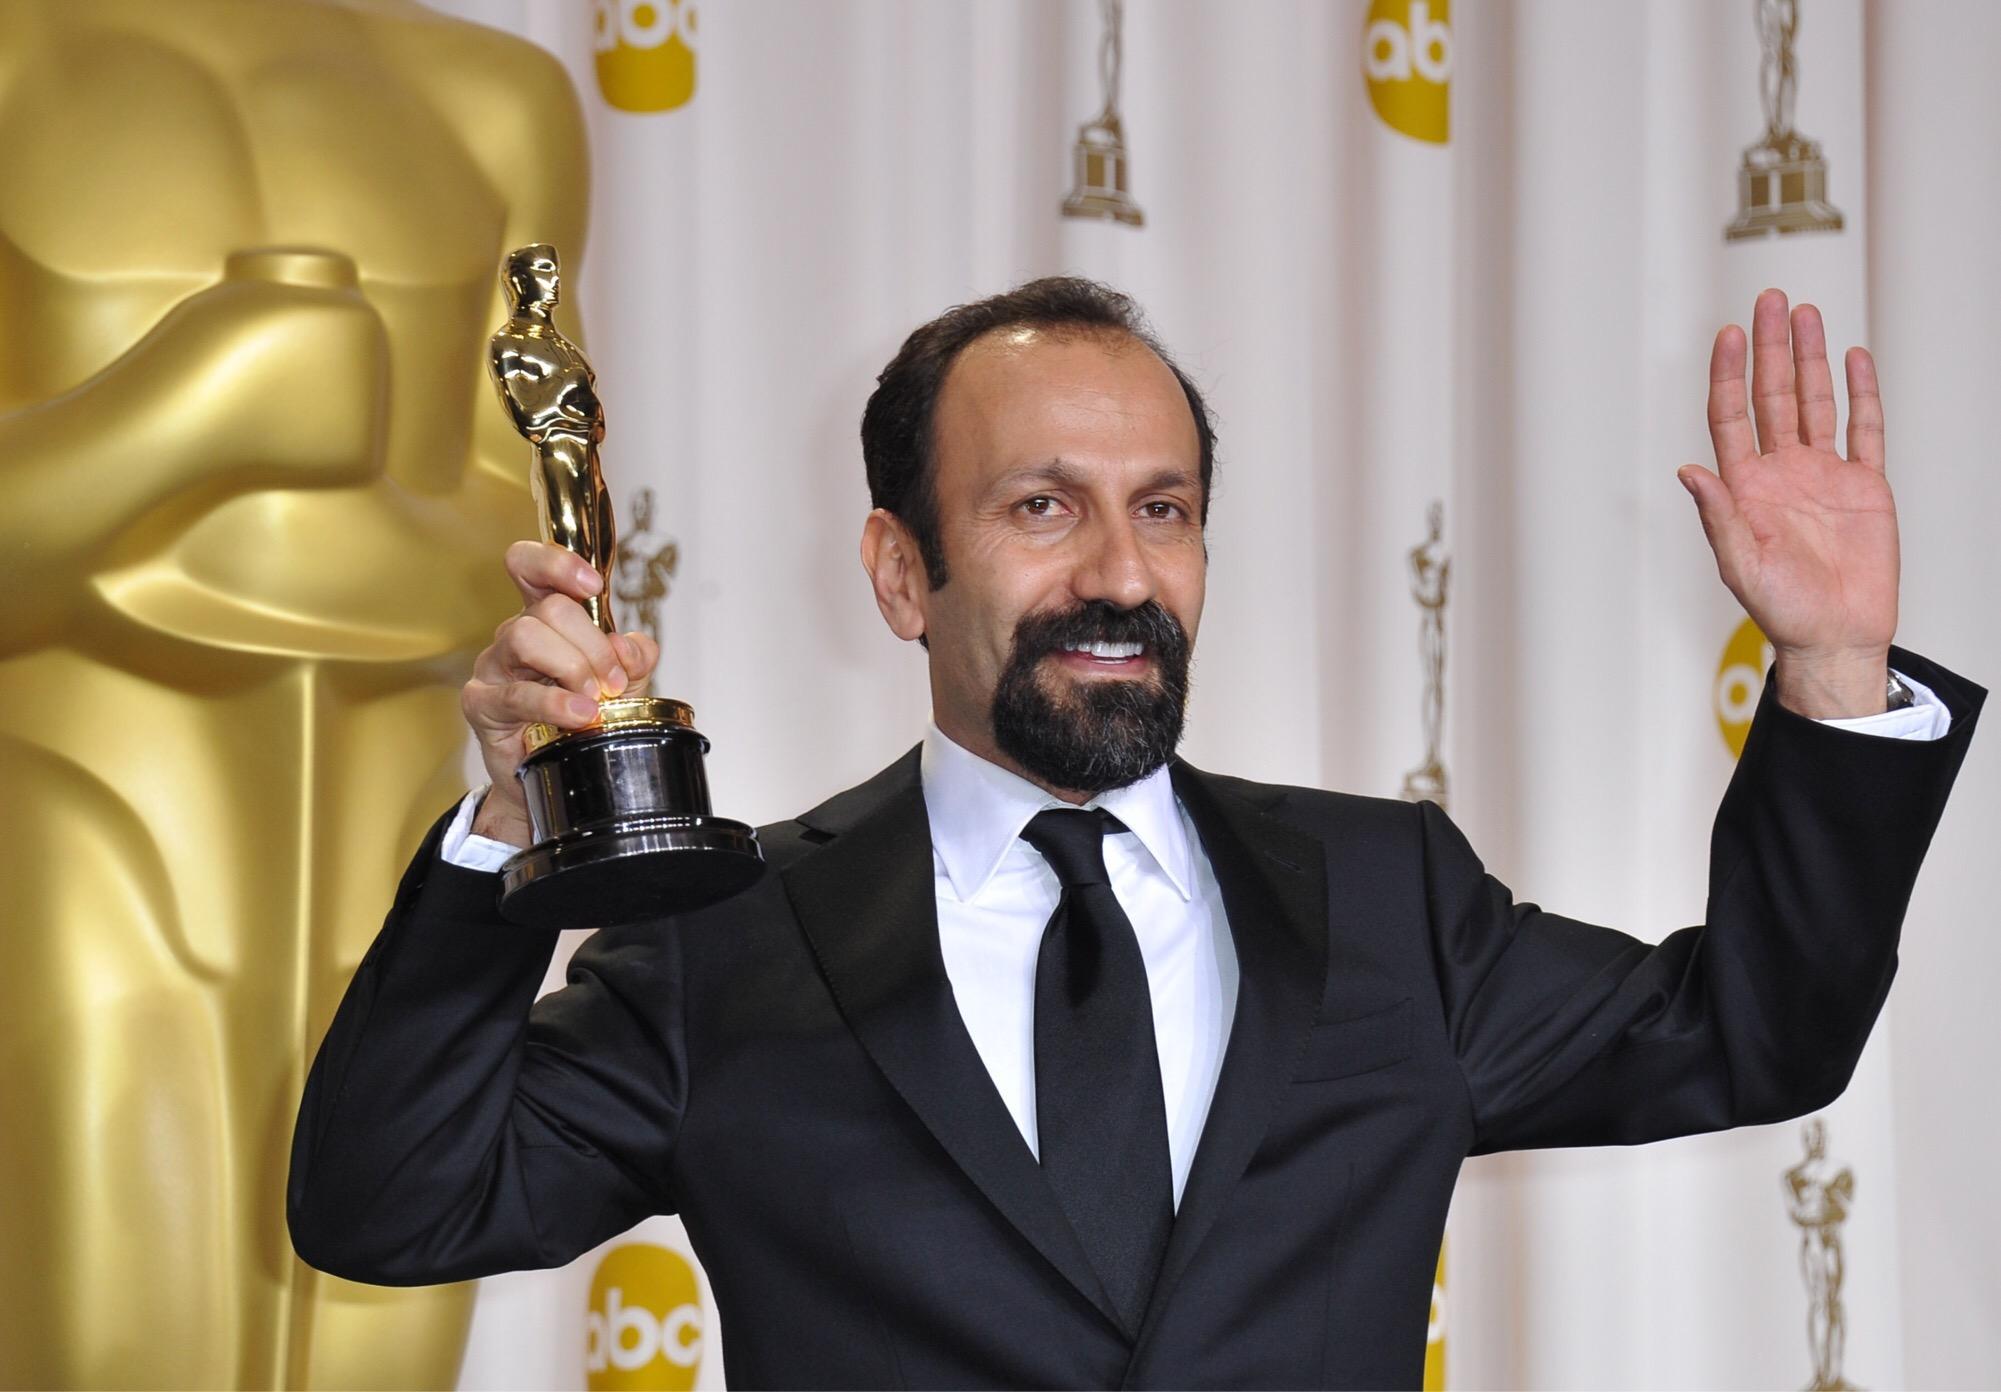 ต่อให้โลกรุนแรงและเกลียดชัง ภาพยนตร์จะรวมเราให้เป็นหนึ่งอัสการ์ ฟาร์ฮาดี ผู้กำกับ The Salesman ( เดอะ เซลส์แมน )ประกาศไม่เข้าร่วมงานประกาศผลรางวัลออสการ์หลังทรัมป์ ประกาศนโยบาย ห้ามมุสลิม จาก 7 ประเทศเข้าอเมริกา